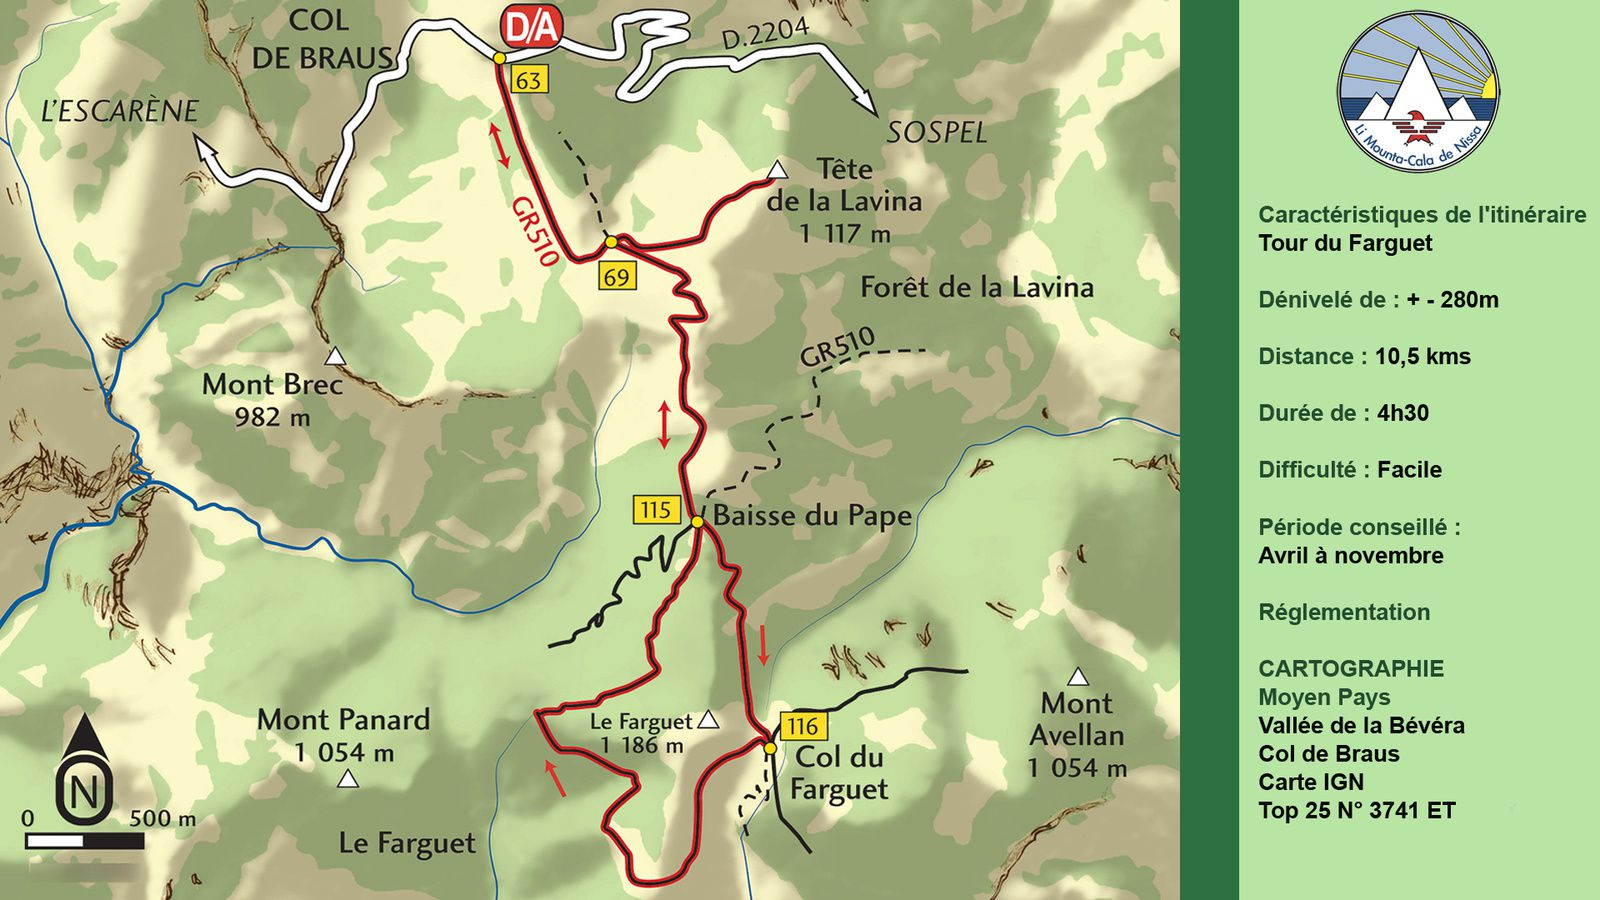 Tour du Farguet